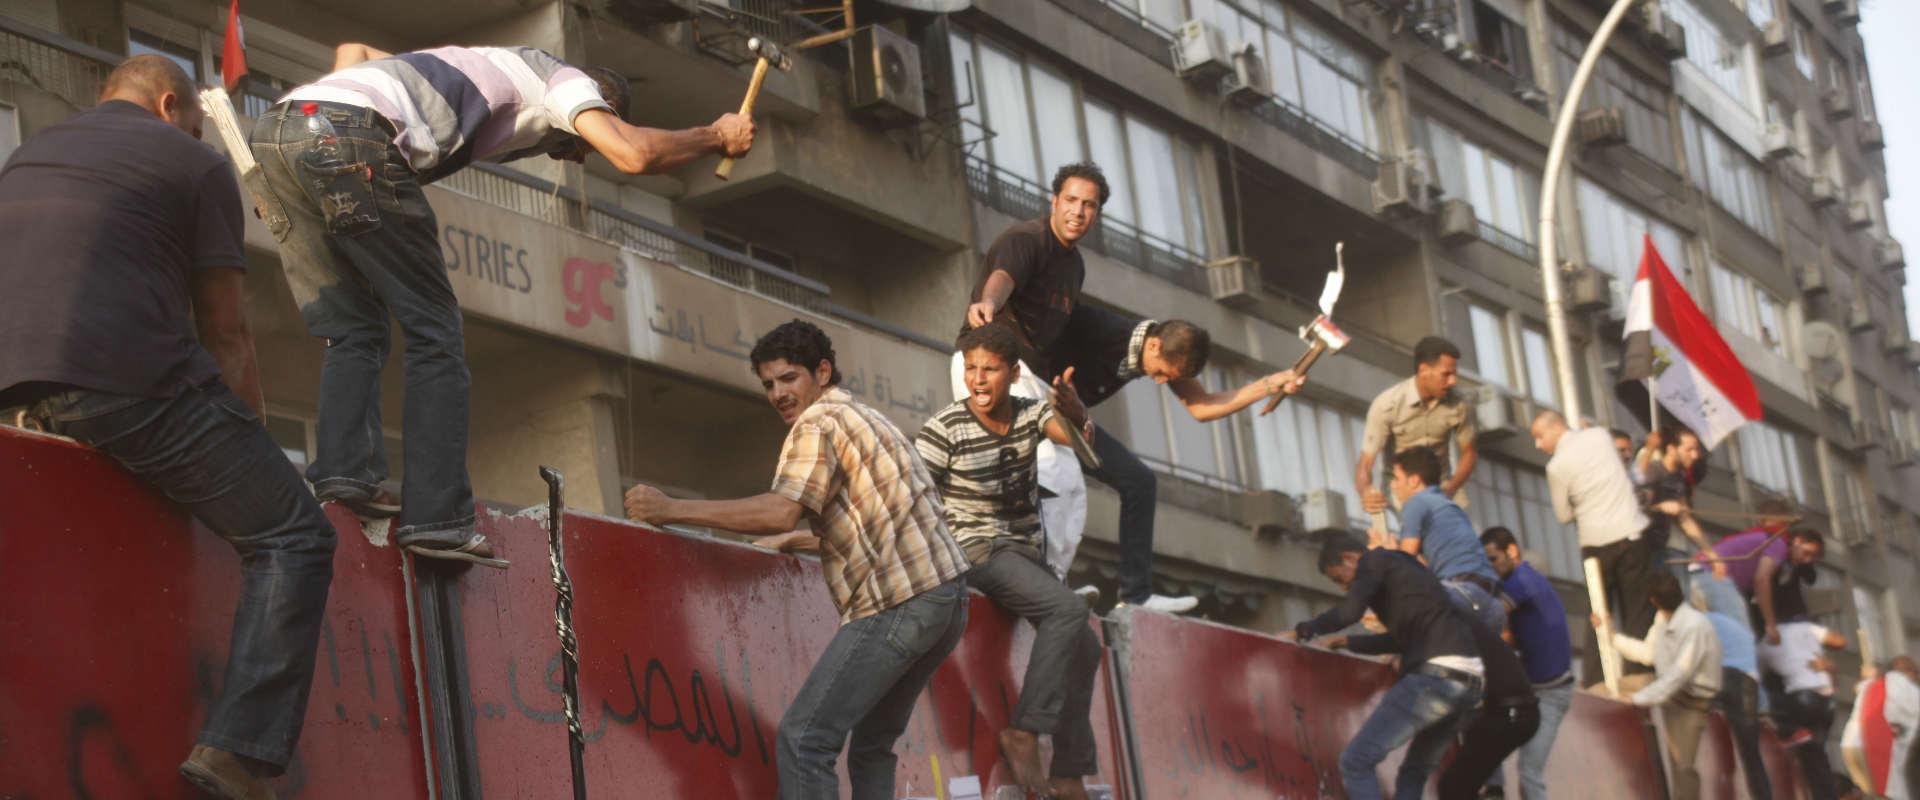 מפגיינם מצרים במהומות בשגרירות הישראלית בקהיר, 201